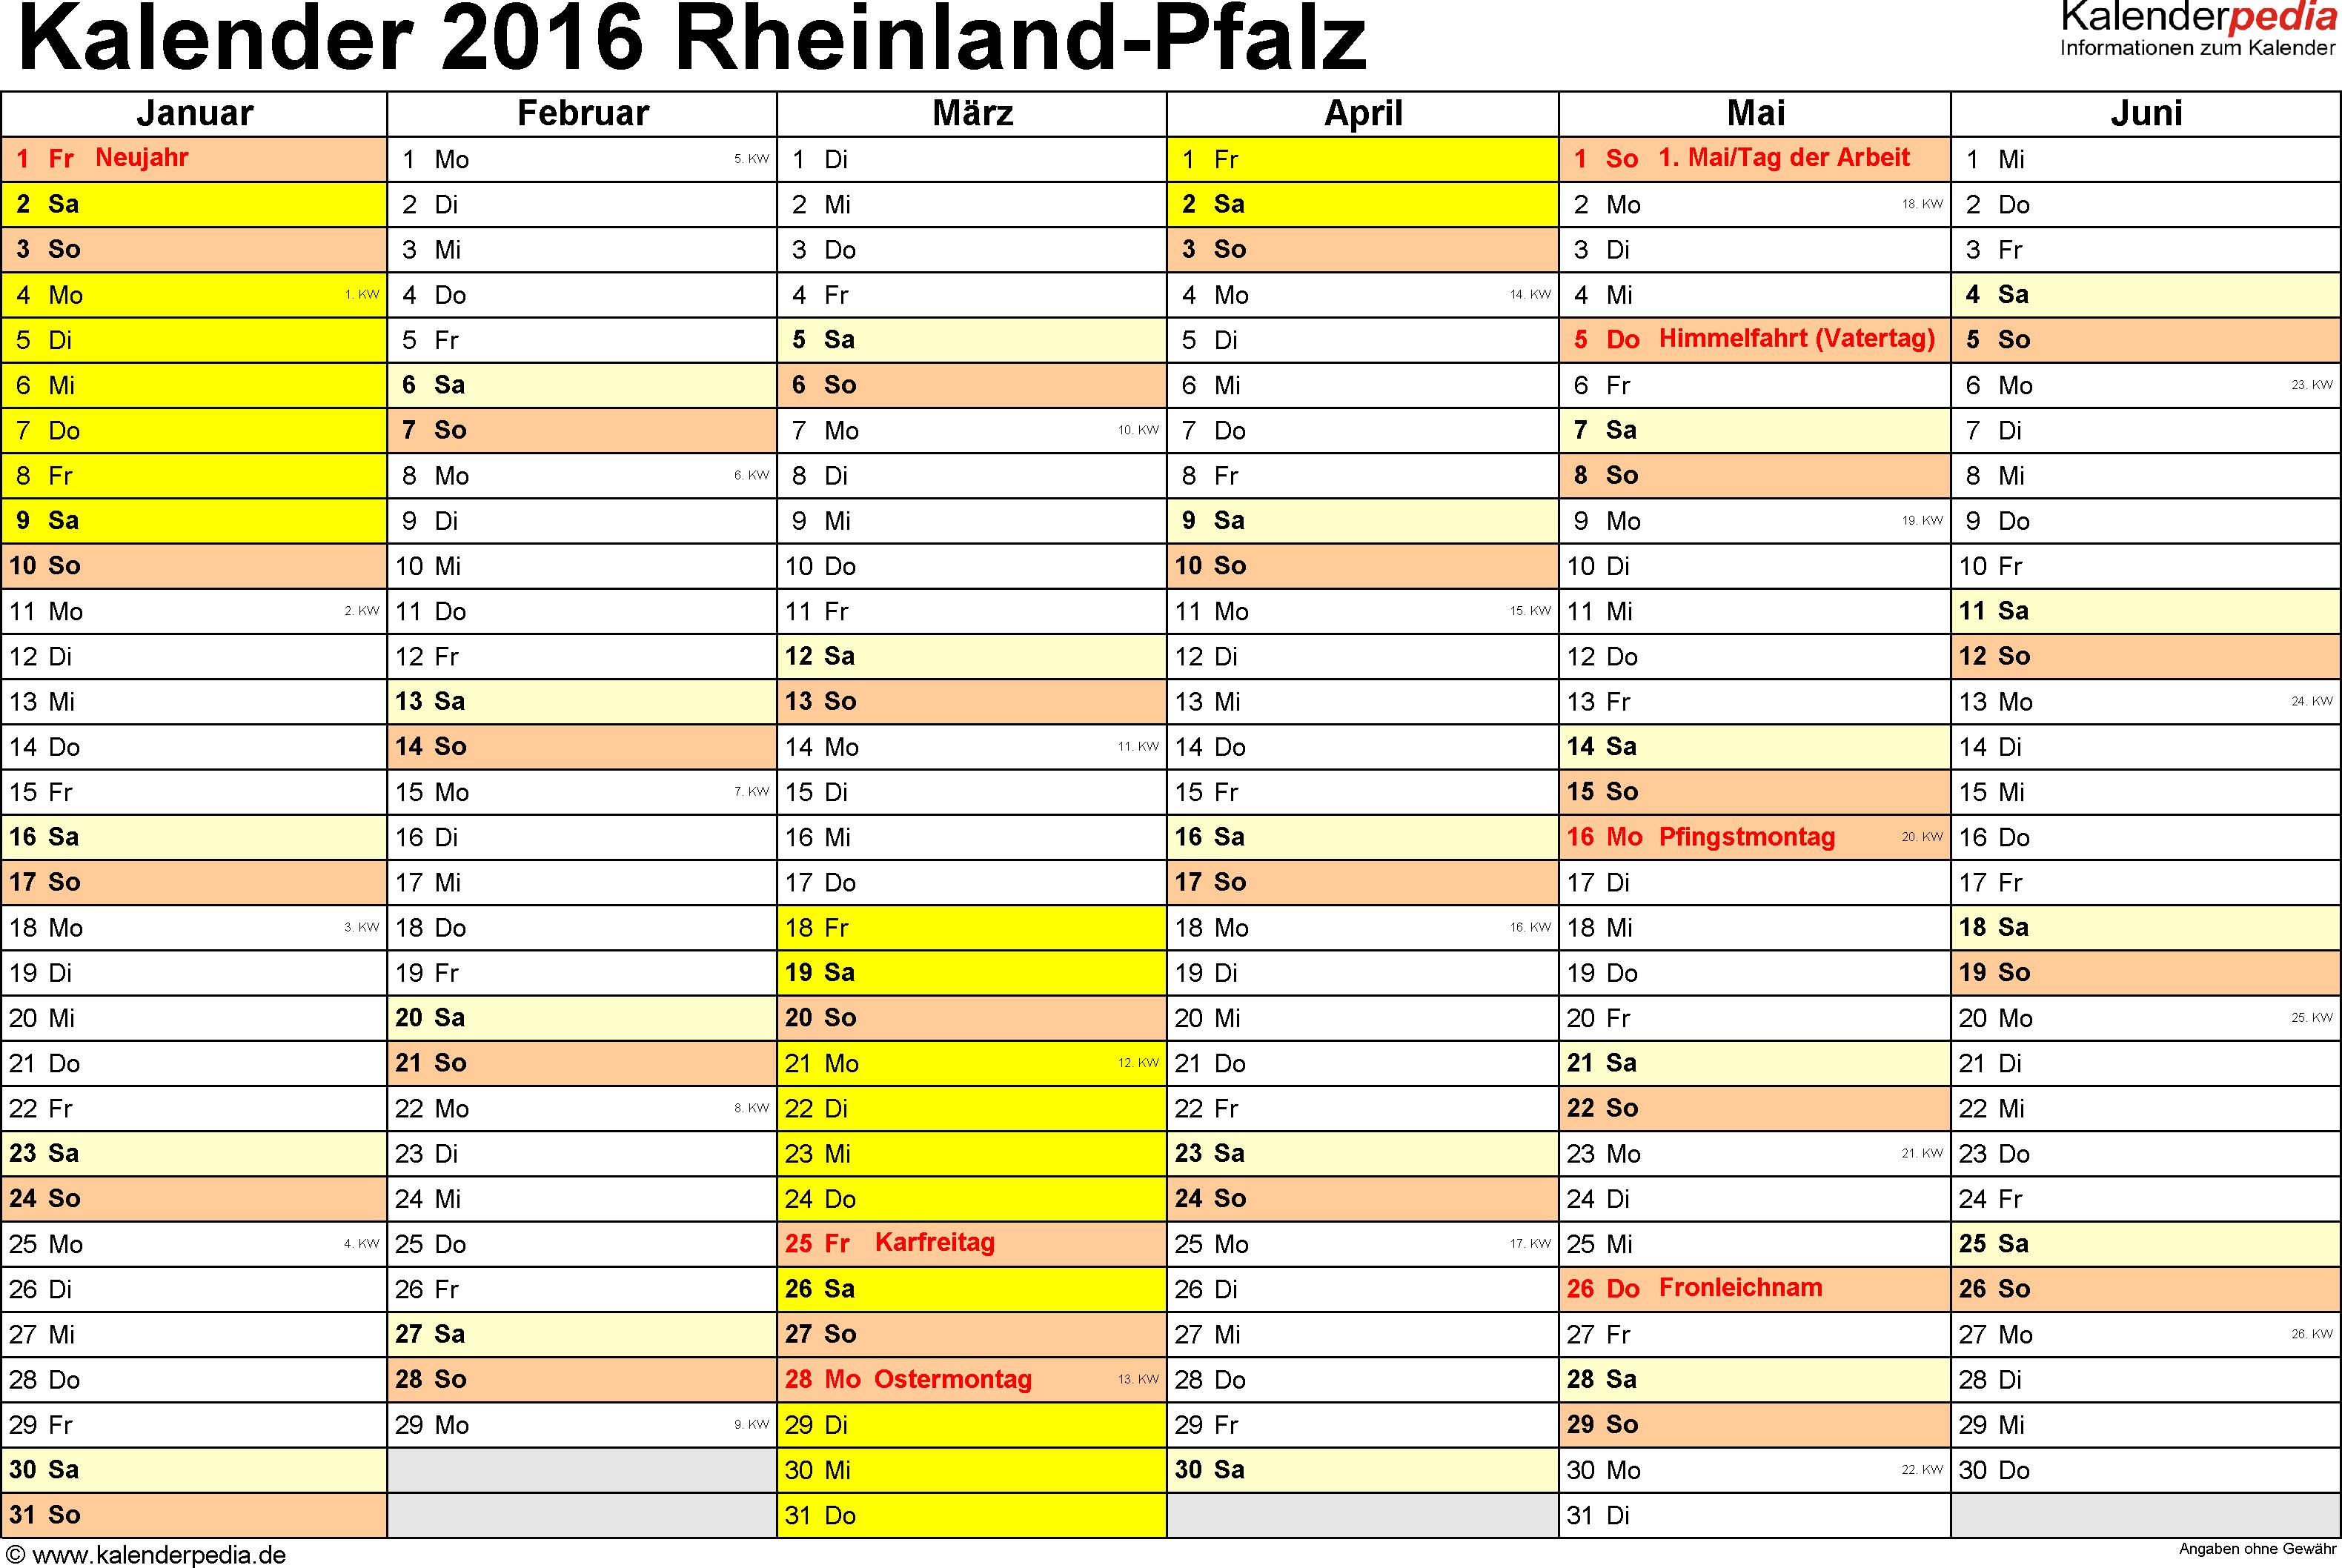 Vorlage 2: Kalender 2016 für Rheinland-Pfalz als Excel-Vorlagen (Querformat, 2 Seiten)